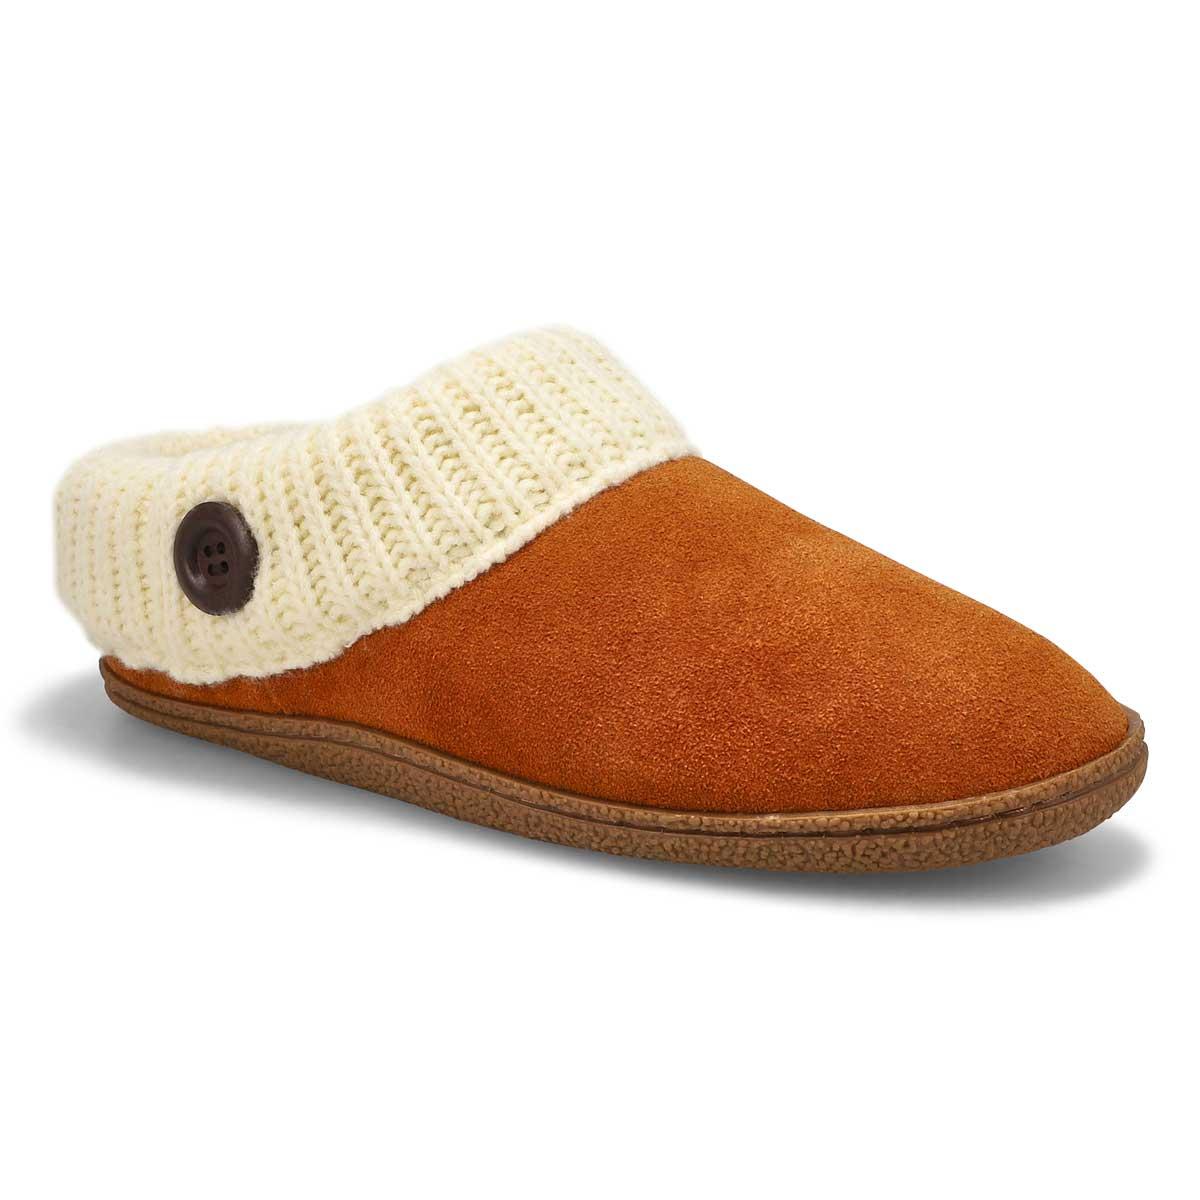 Lds Dini chestnut memory foam slipper